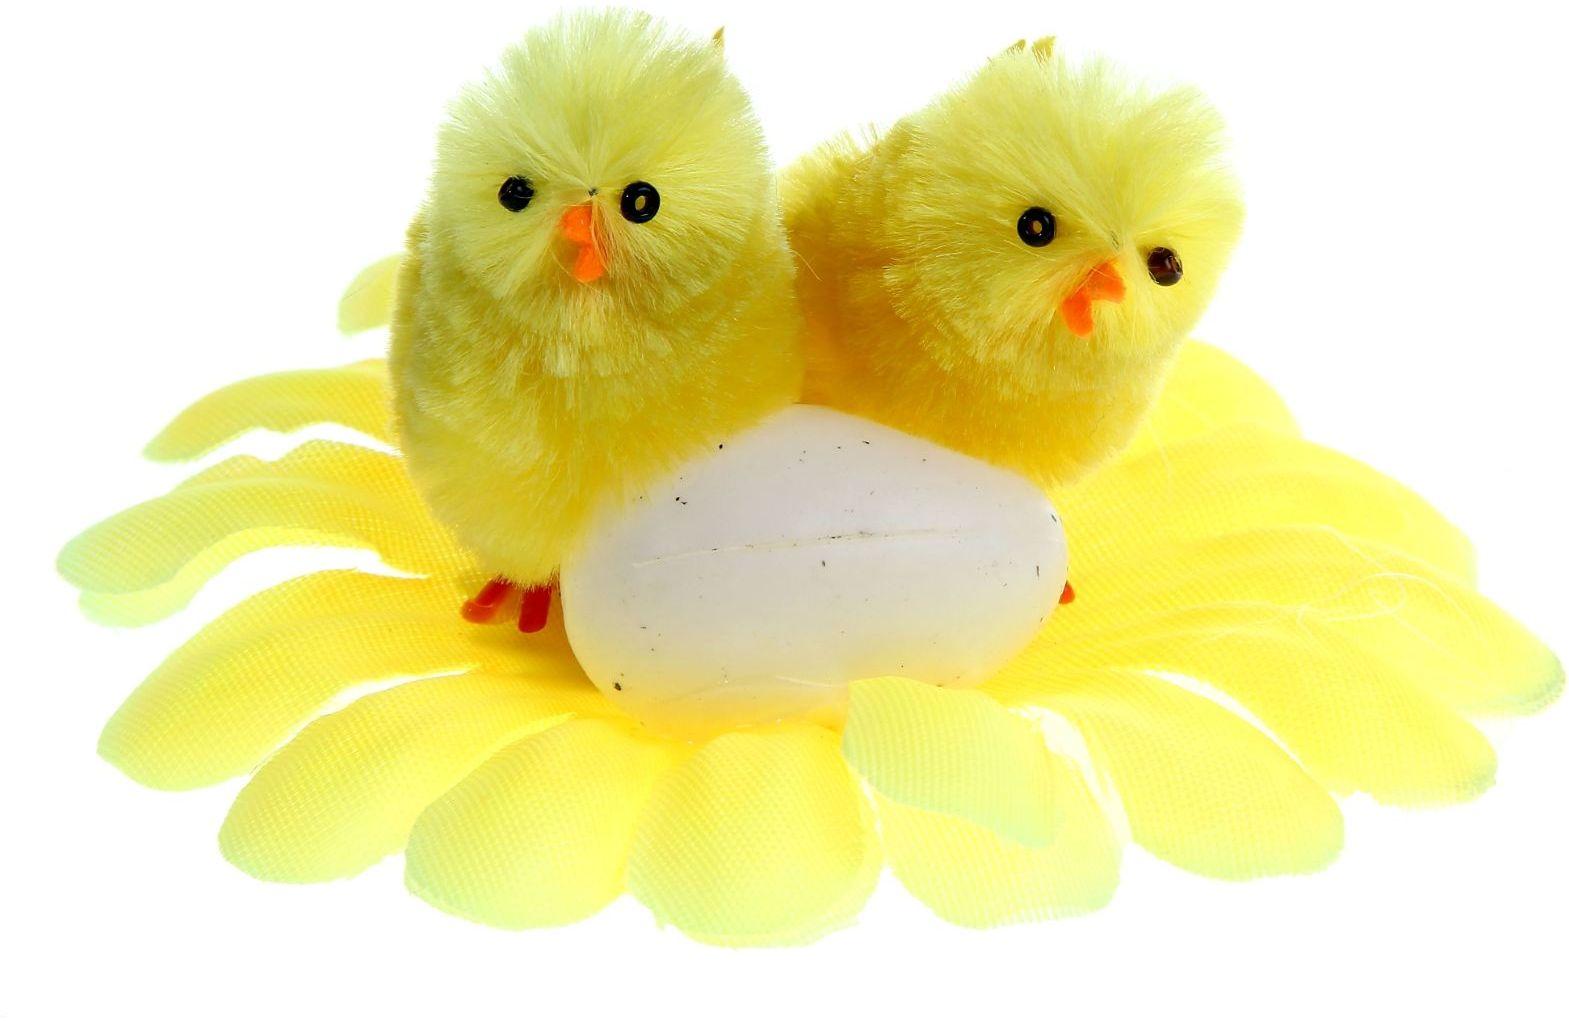 Сувенир пасхальный Sima-land Парочка с яйцом на цветке, 9 х 9 х 5 см945821Сувенир Парочка с яйцом на цветке - самый популярный пасхальный декор. Фигурками цып принято декорировать праздничный пасхальный стол во многих странах мира. Россия не исключение.Вы можете украсить таким замечательным сувениром тарелку гостей, превратив её в гнездо. Или преподнести его в качестве подарка близкому человеку.